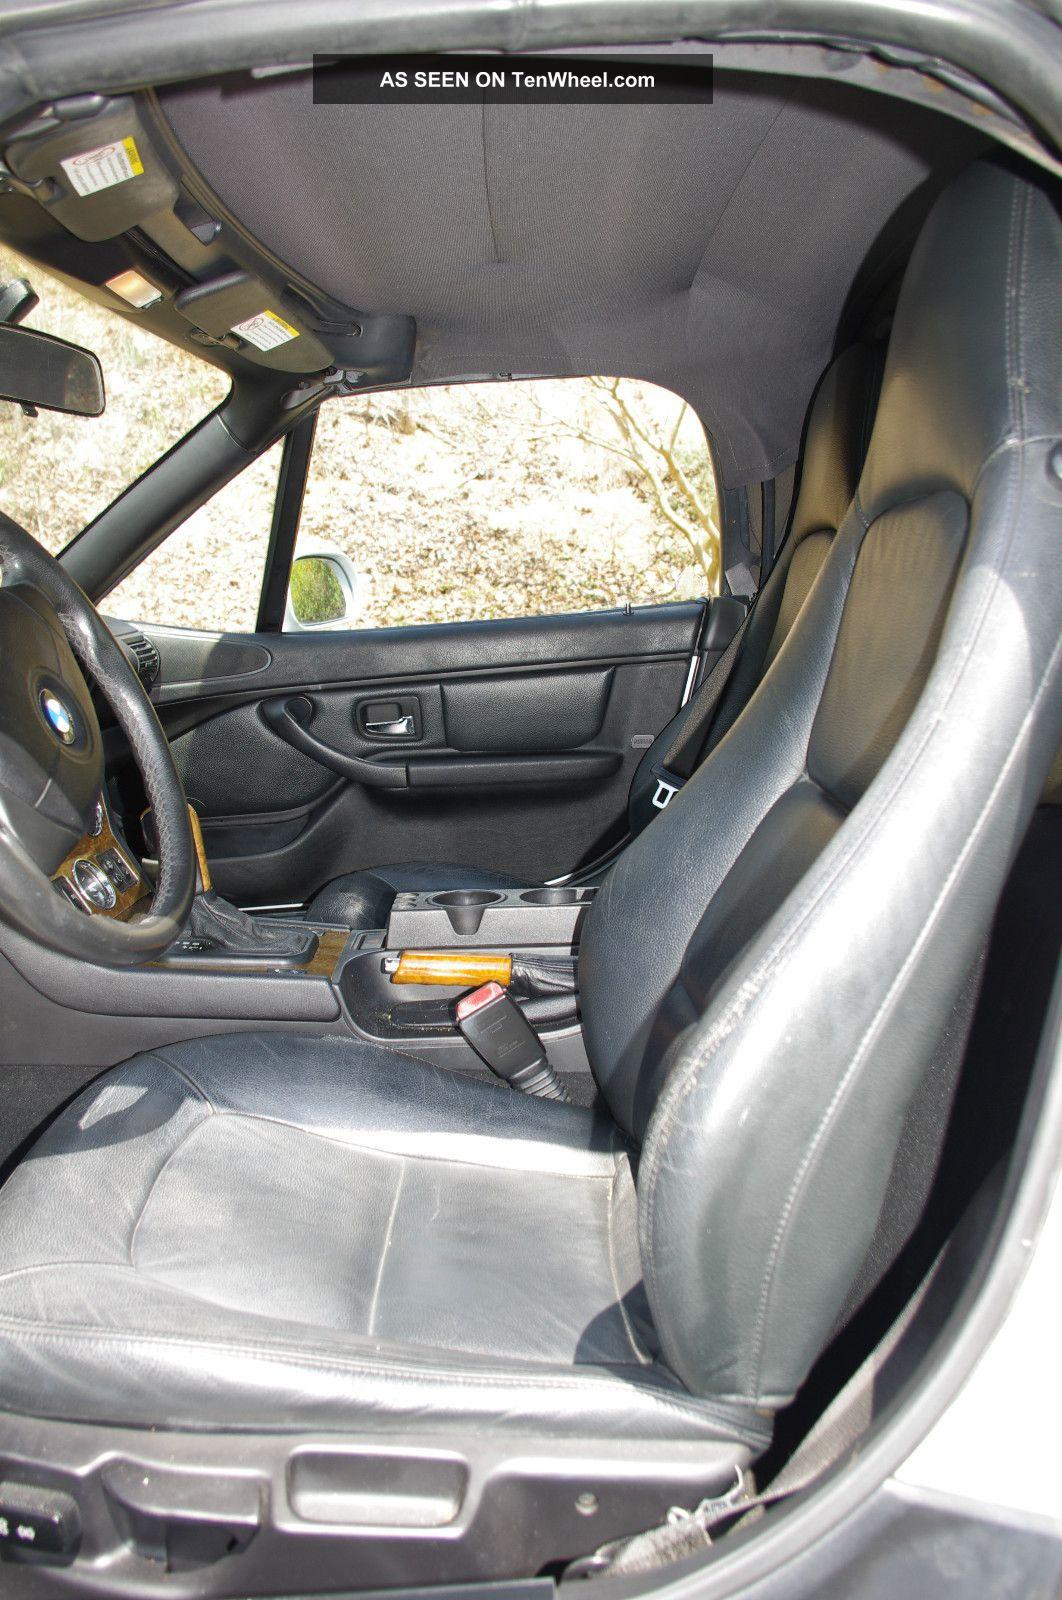 Bmw Z3 Roadster Convertible 2 Door 3. 0l Money Goes To Sick Child #897842